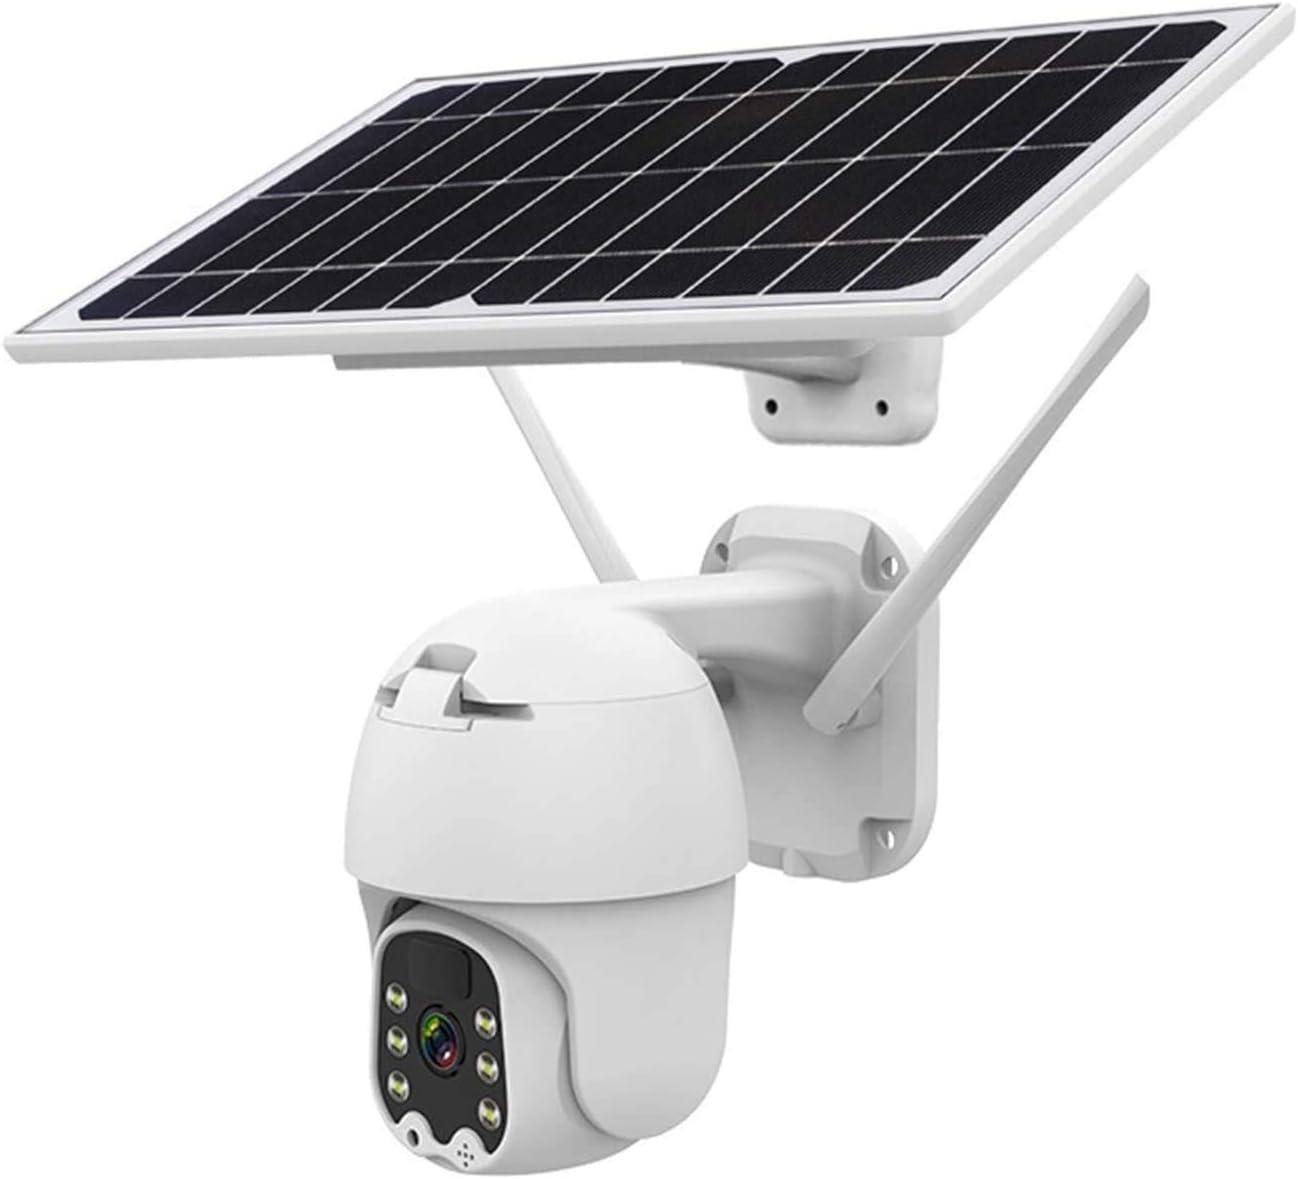 AAFLY Cámara inalámbrica de PTZ de la batería Solar 4G / WiFi, HD 1080P Aparieve al Aire Libre 2MP CCTV CCTV Inicio Video Video Vigilancia IP cámara IP, detección de Movimiento de Radar PIR (4G)